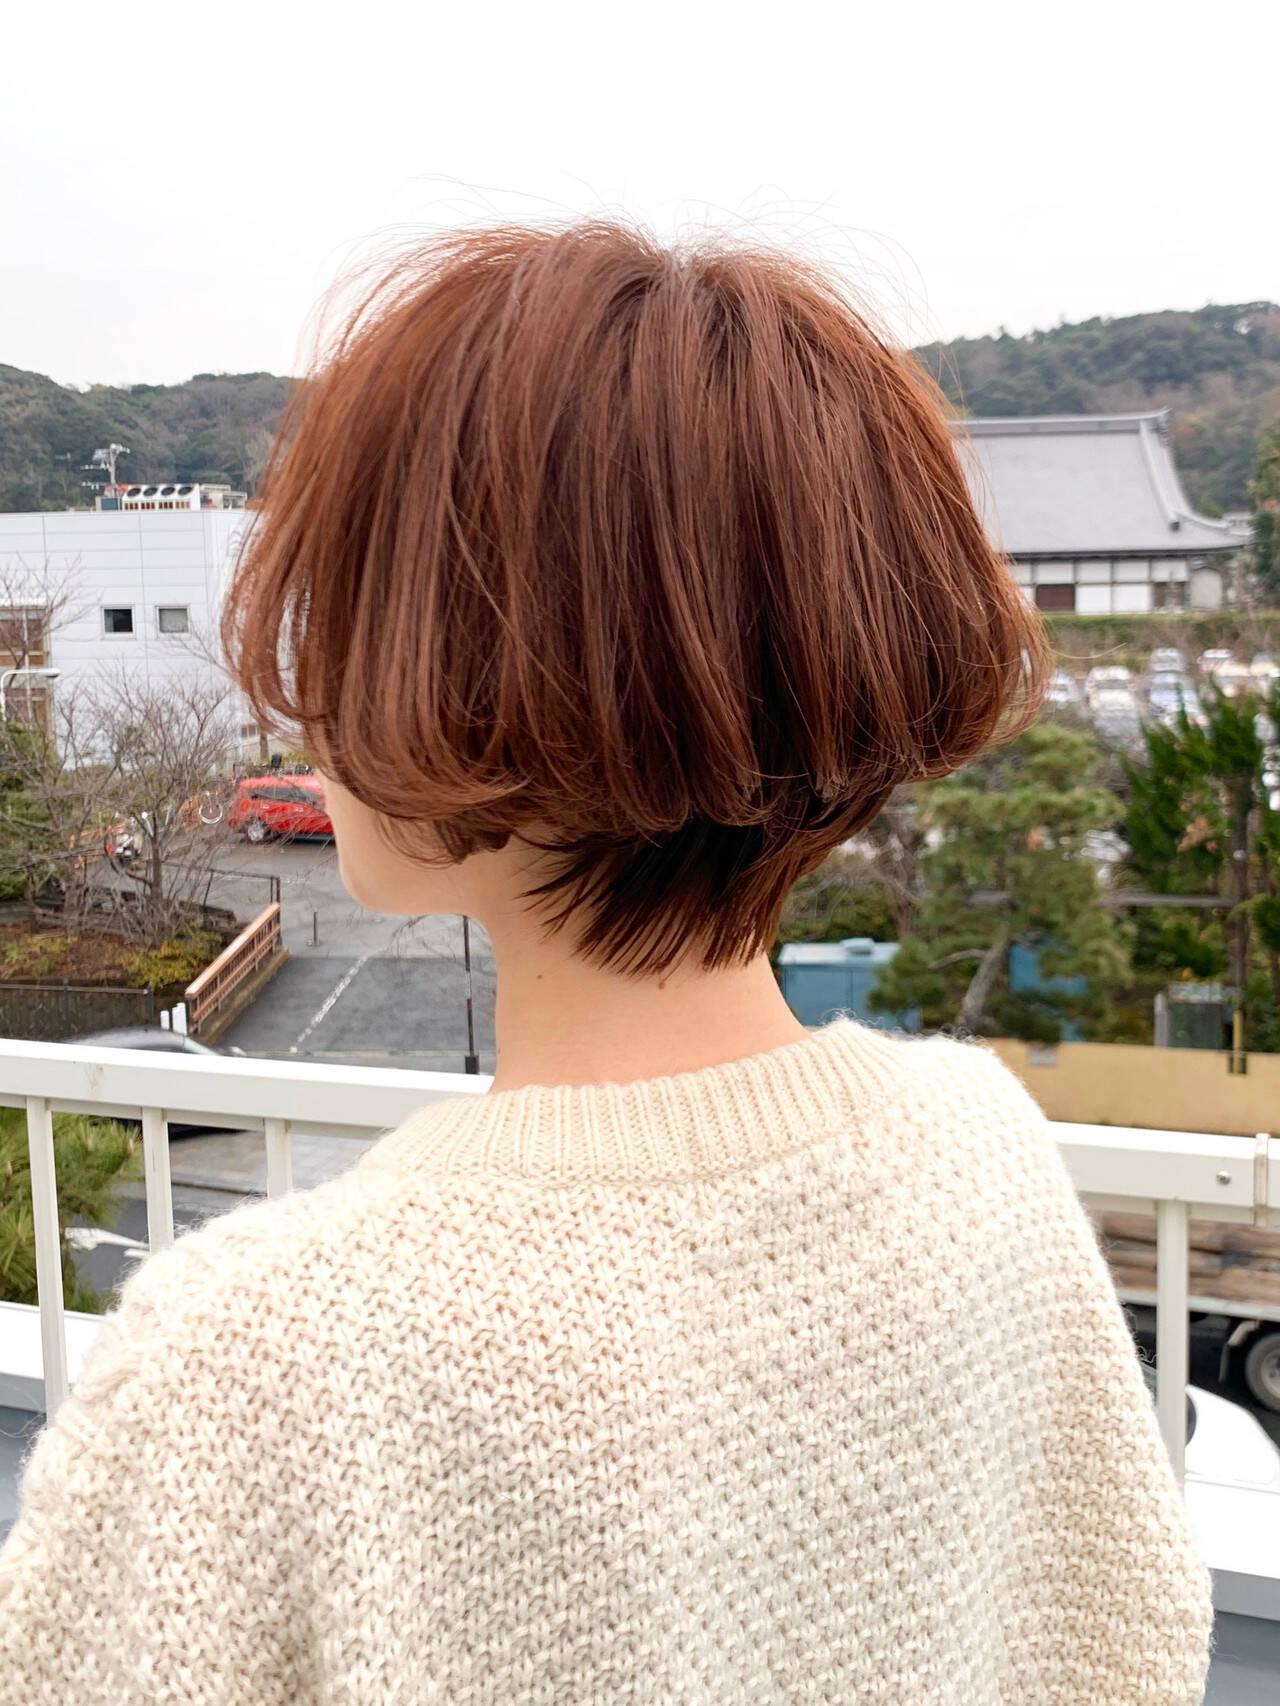 ナチュラル ショートボブ お洒落 秋冬スタイルヘアスタイルや髪型の写真・画像